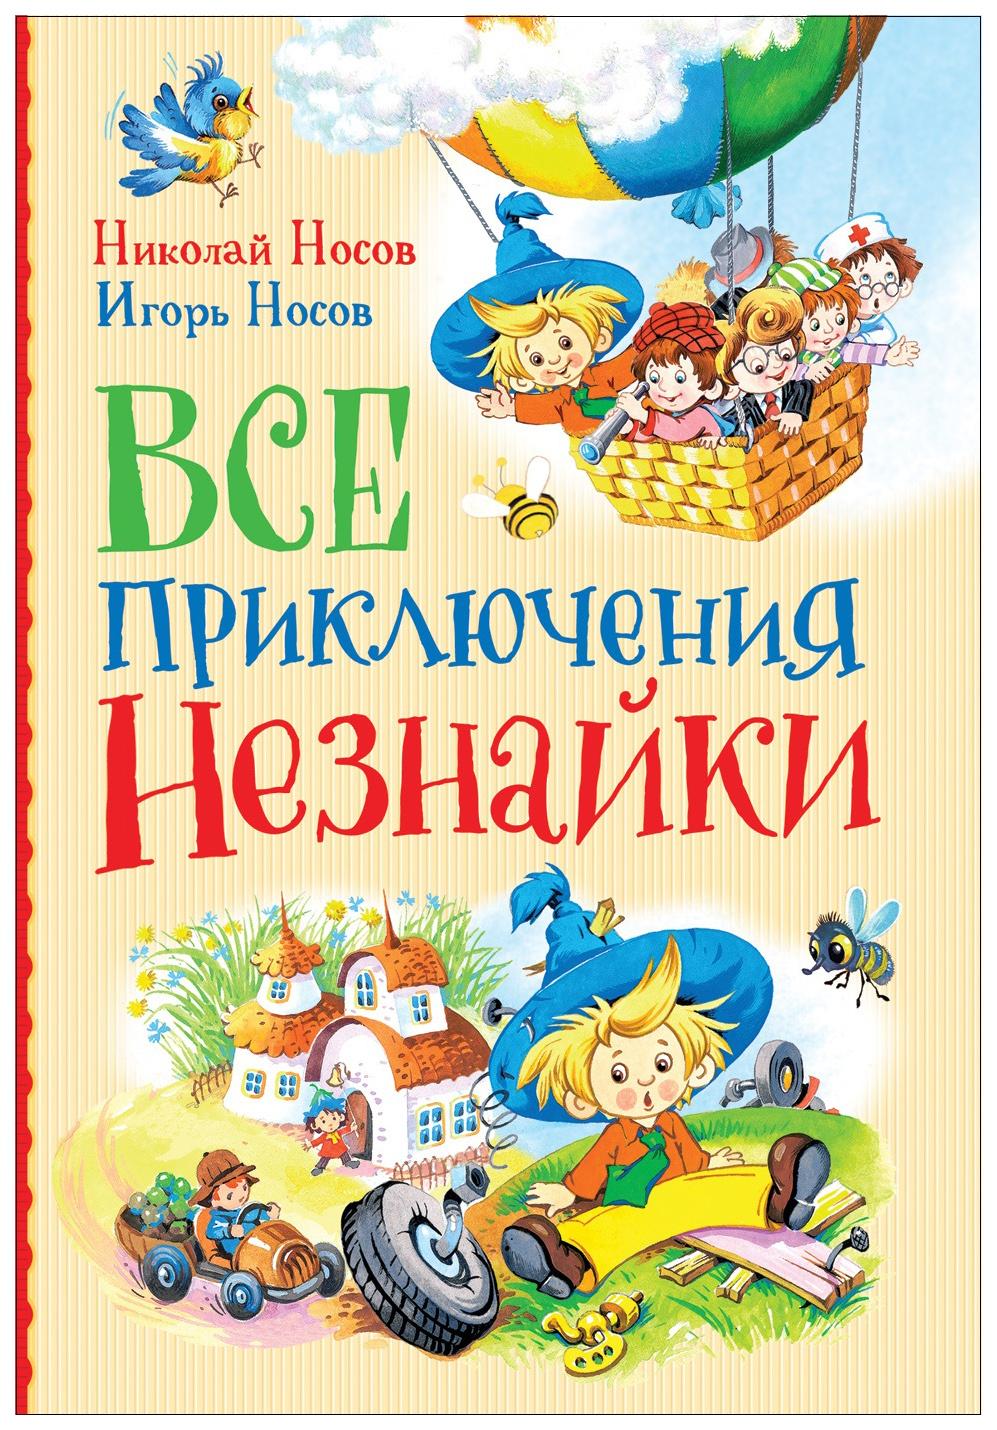 Купить Носов Н., Носов и все приключения Незнайки, Росмэн, Детская художественная литература